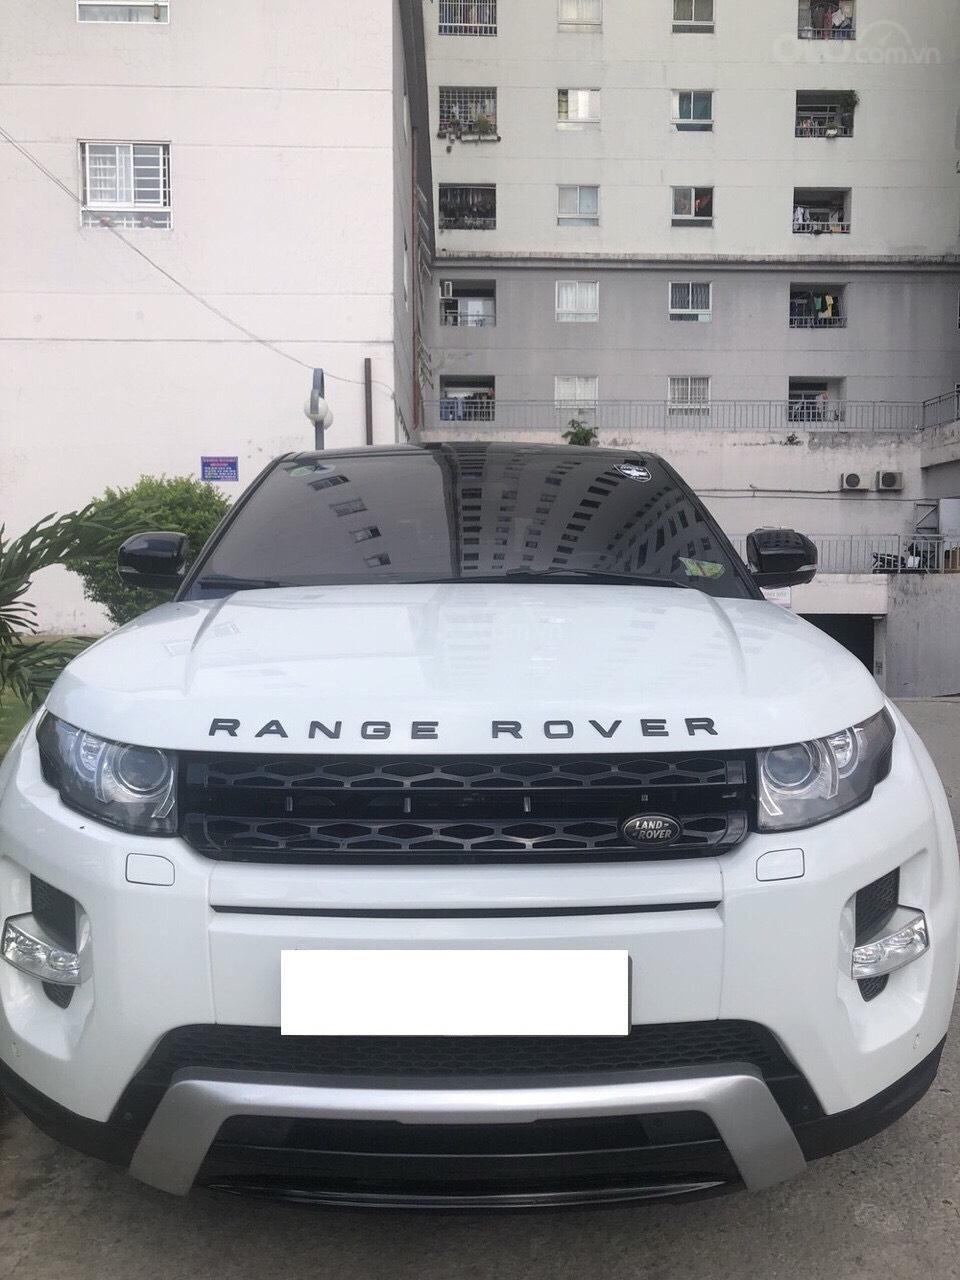 Bán Range Rover Evoque 2013, đăng ký 2015, nhập Châu Âu, xe đẹp không lỗi bao kiểm tra hãng-0